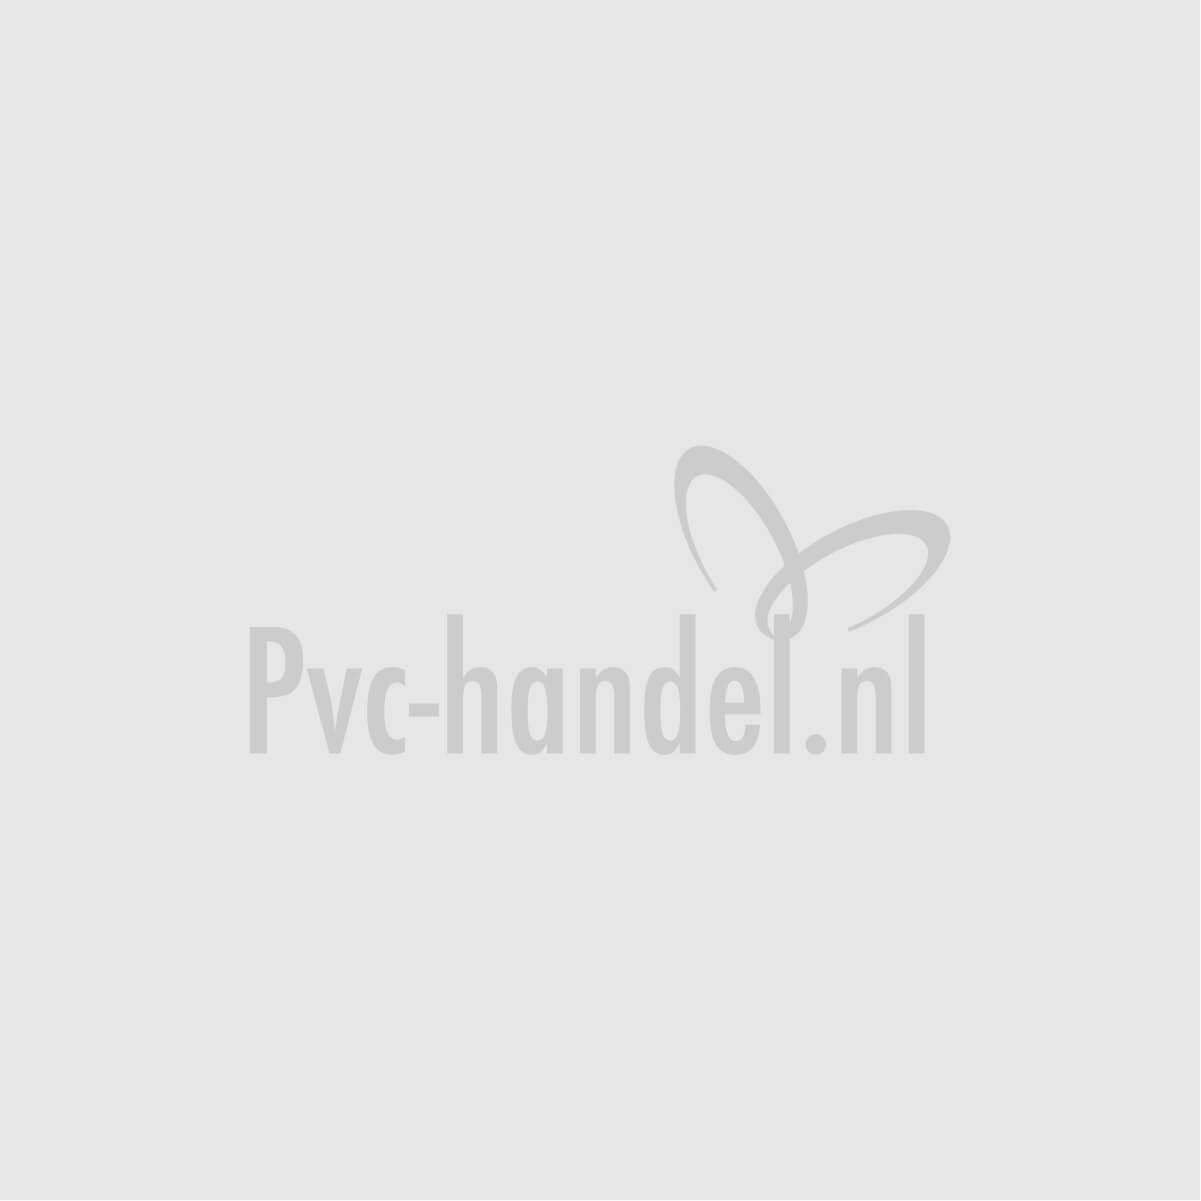 PVC drukbuizen met KIWA-keur